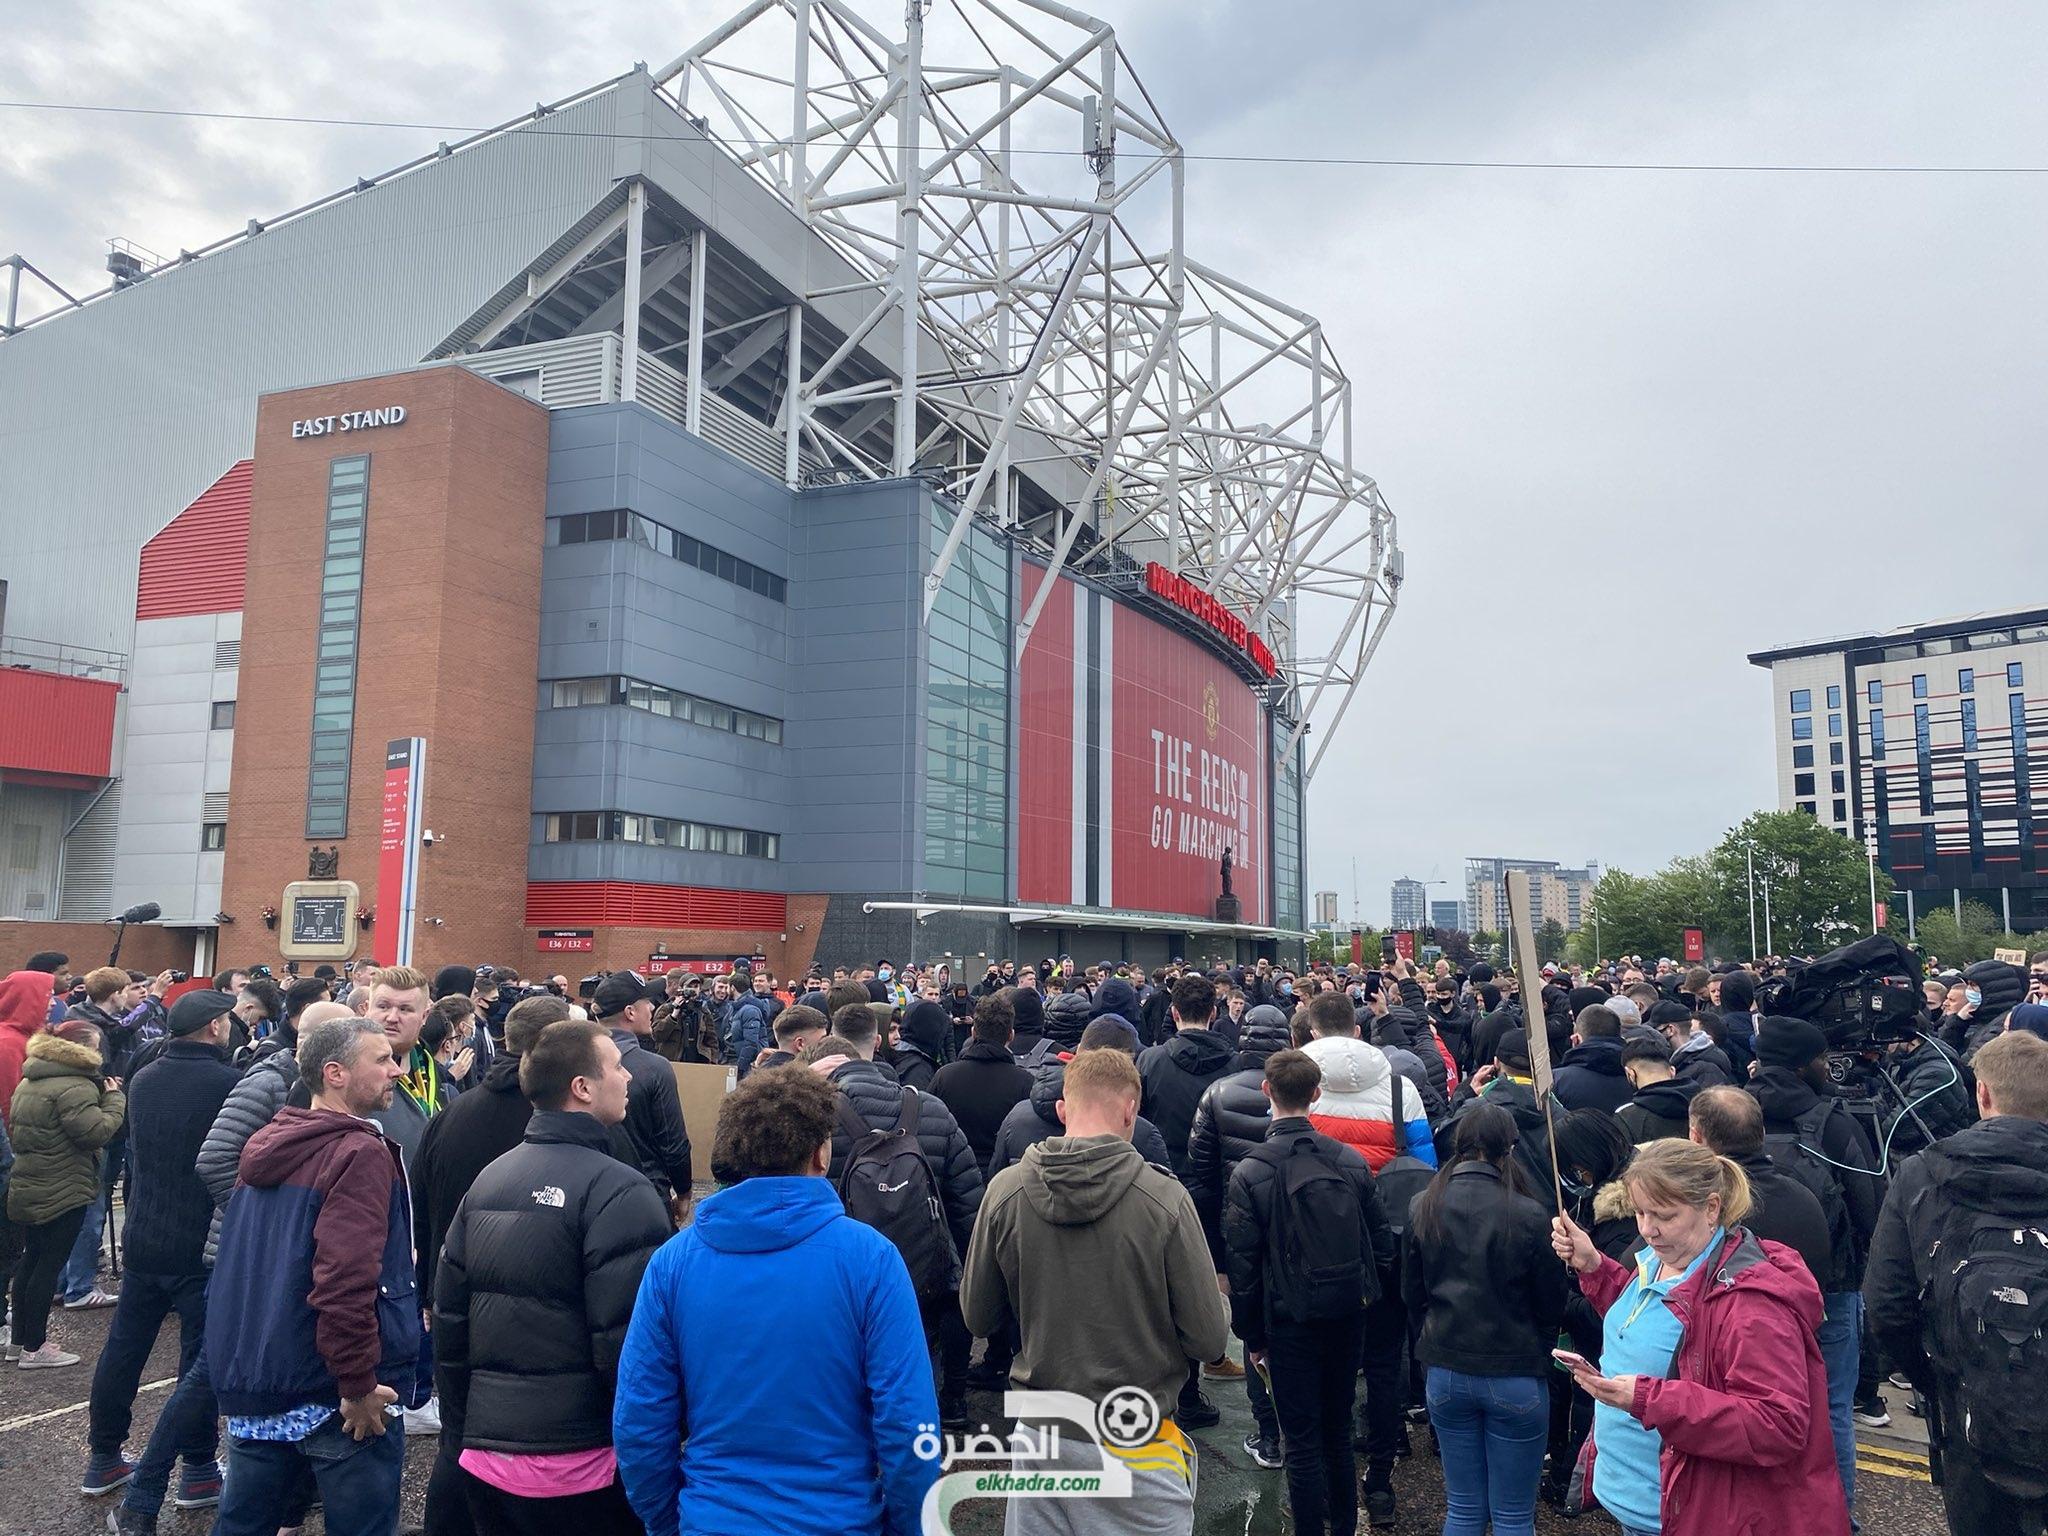 """قبل مواجهة ليفربول .. جماهير مانشستر يونايتد :""""سنقتحم أولد ترافورد مرة أخرى"""" 9"""